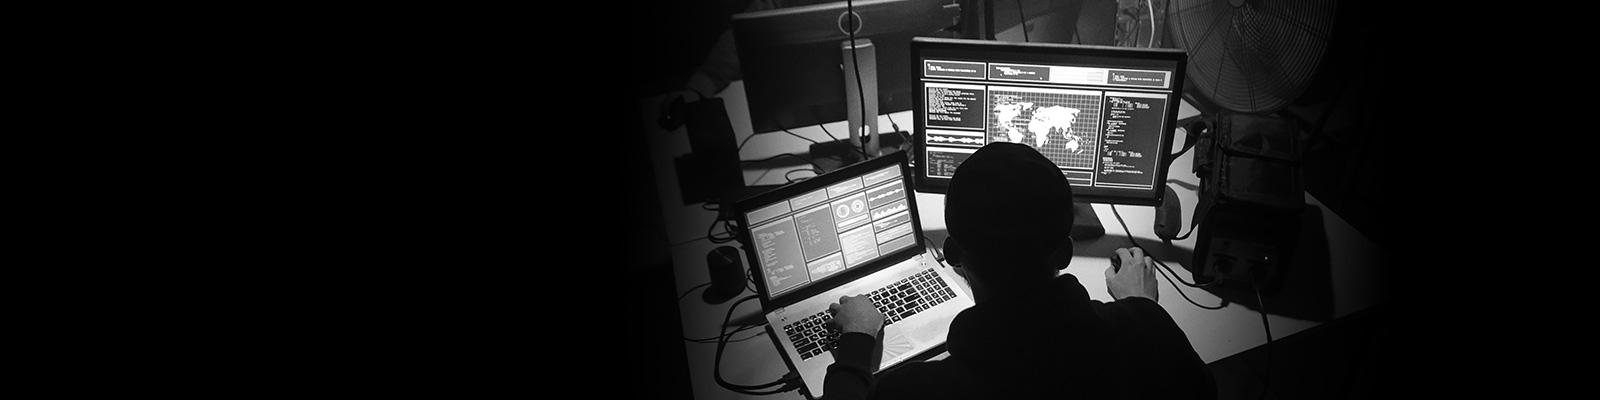 ハッカー 国際 セキュリティ イメージ